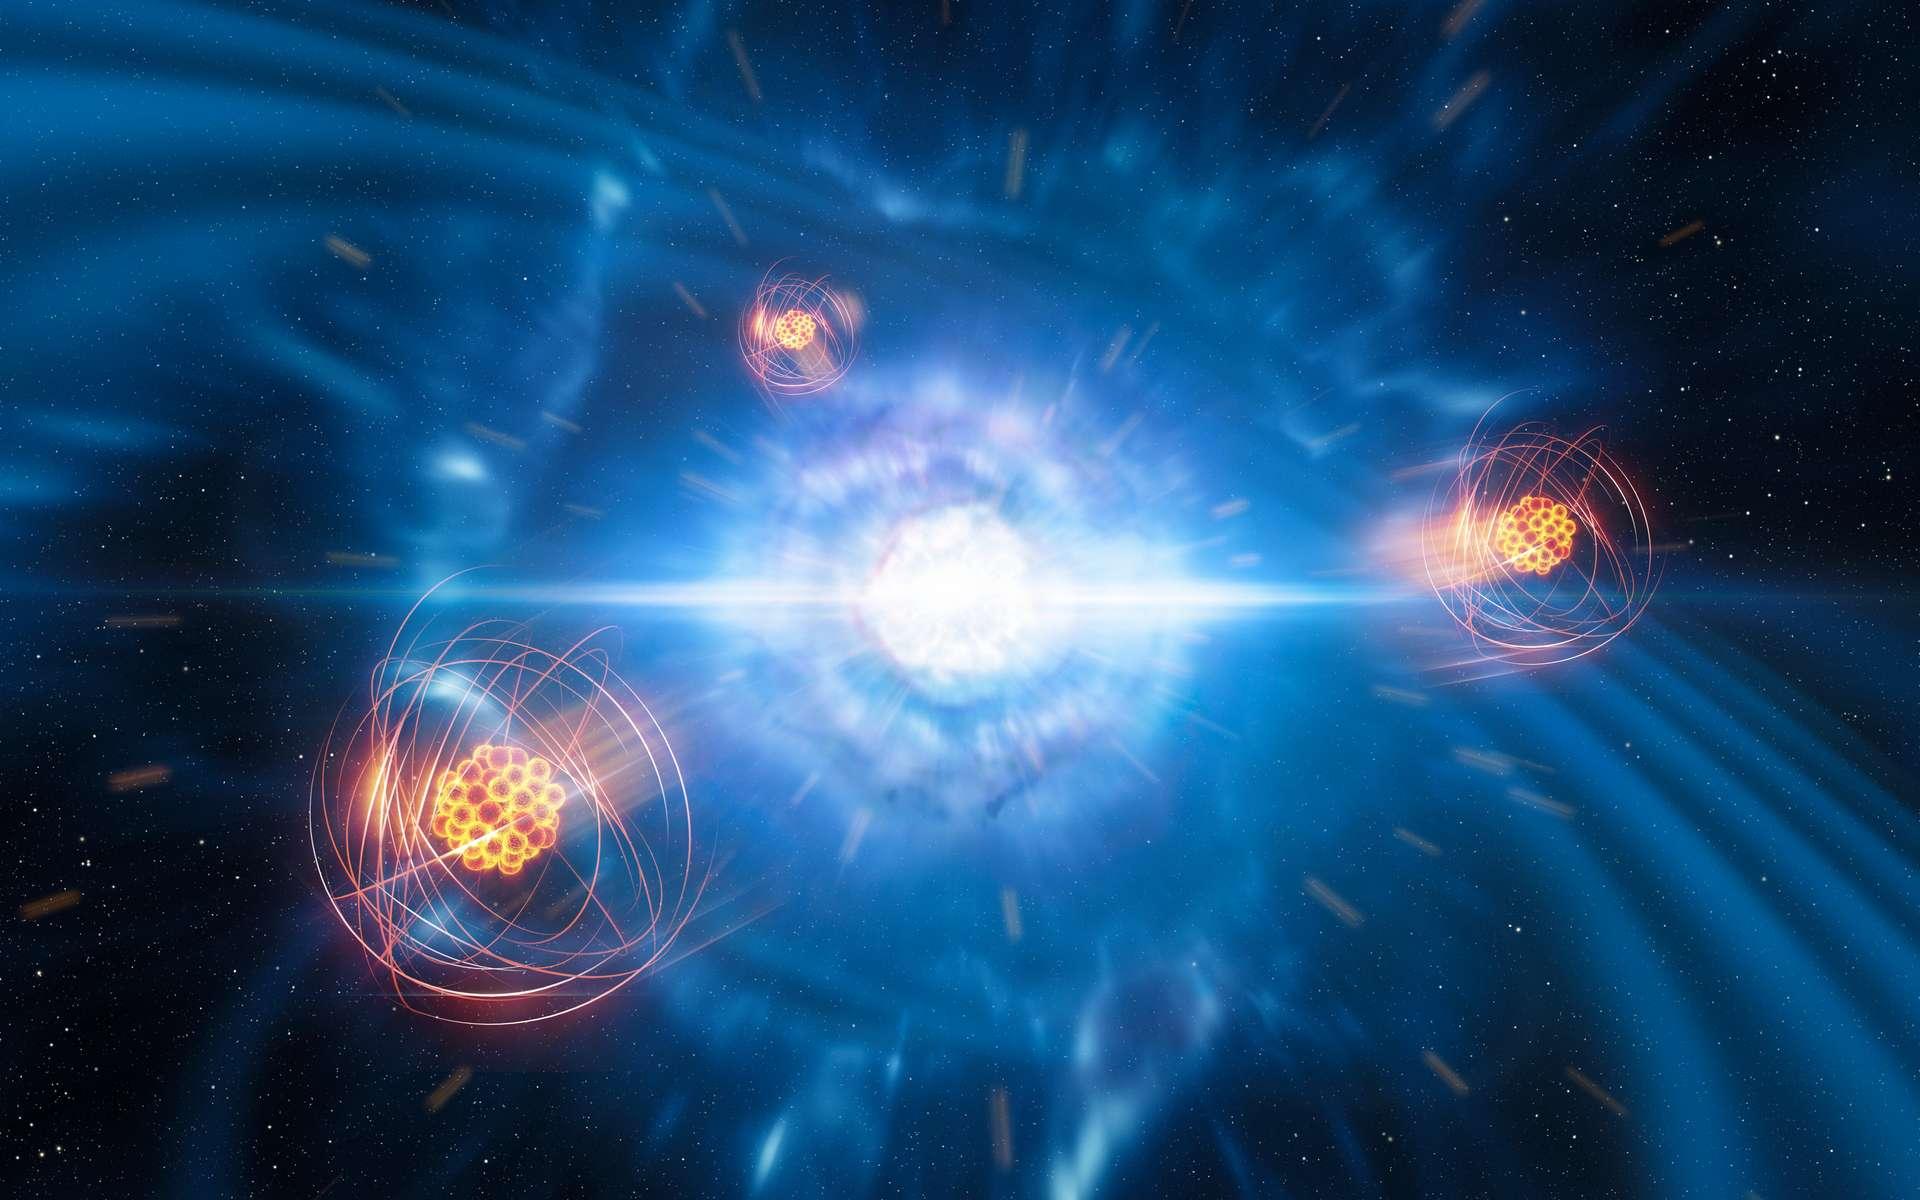 Sur cette vue d'artiste figurent deux étoiles à neutrons de faibles dimensions mais de densités élevées sur le point de fusionner et d'exploser en kilonova. À l'avant-plan figure une représentation du strontium nouvellement créé. © ESO, L. Calçada, M. Kornmesser